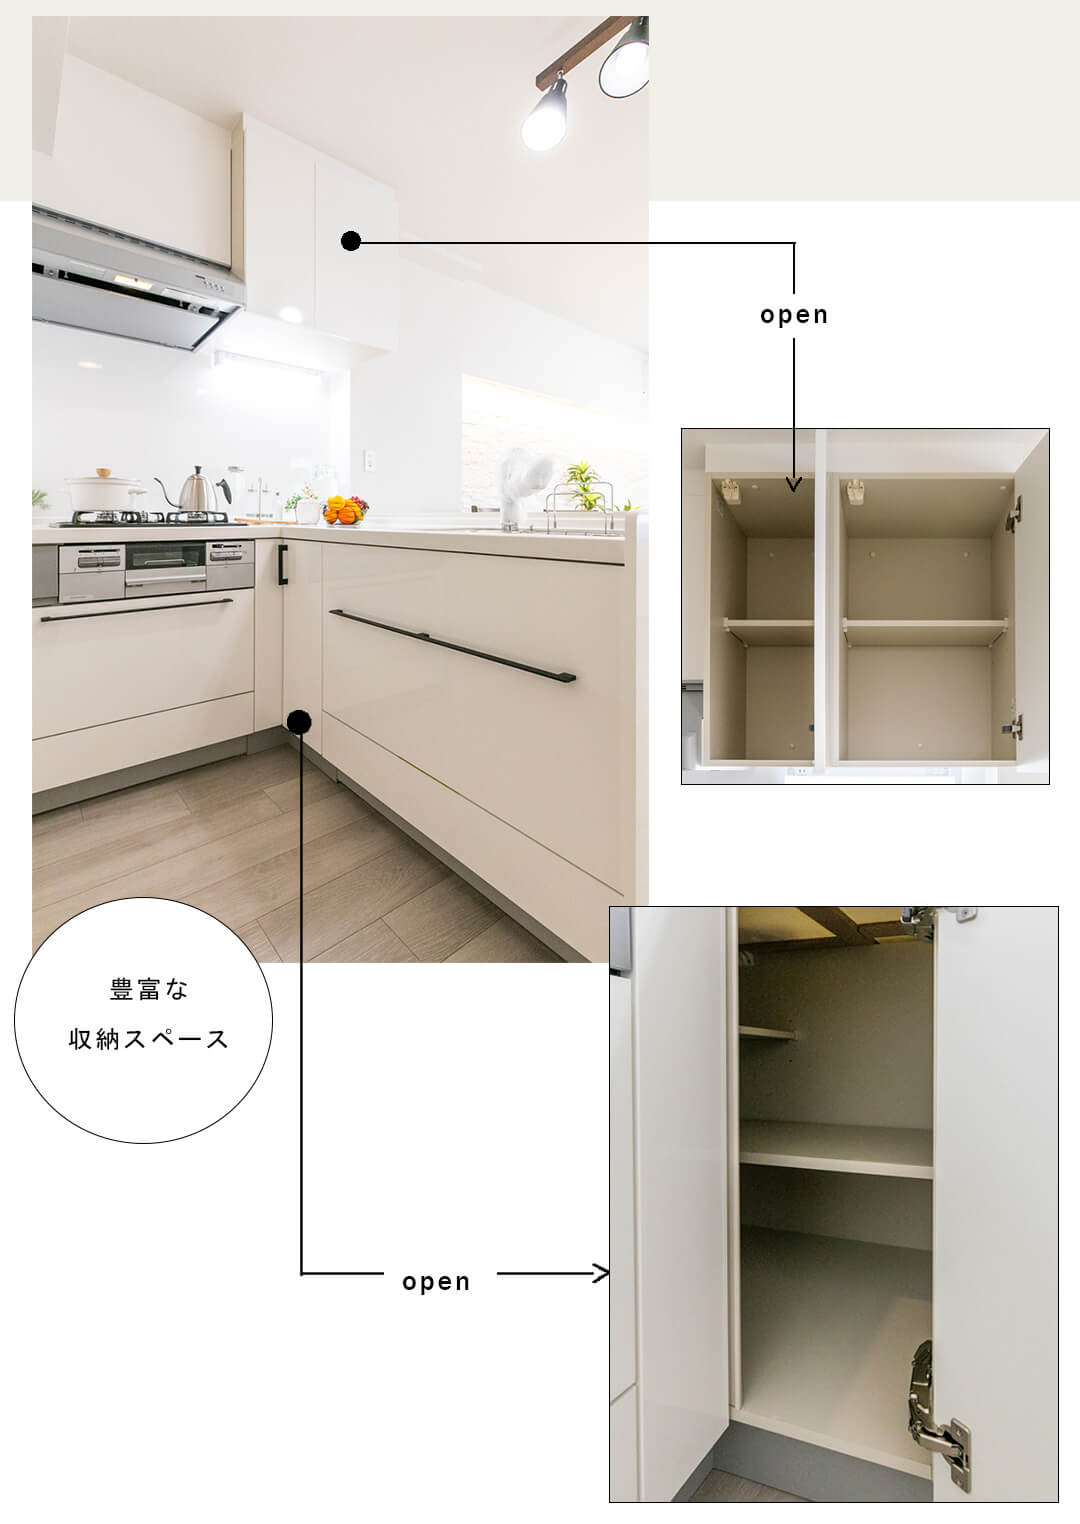 モナークマンション武蔵小杉Ⅱプラチナコートのキッチン